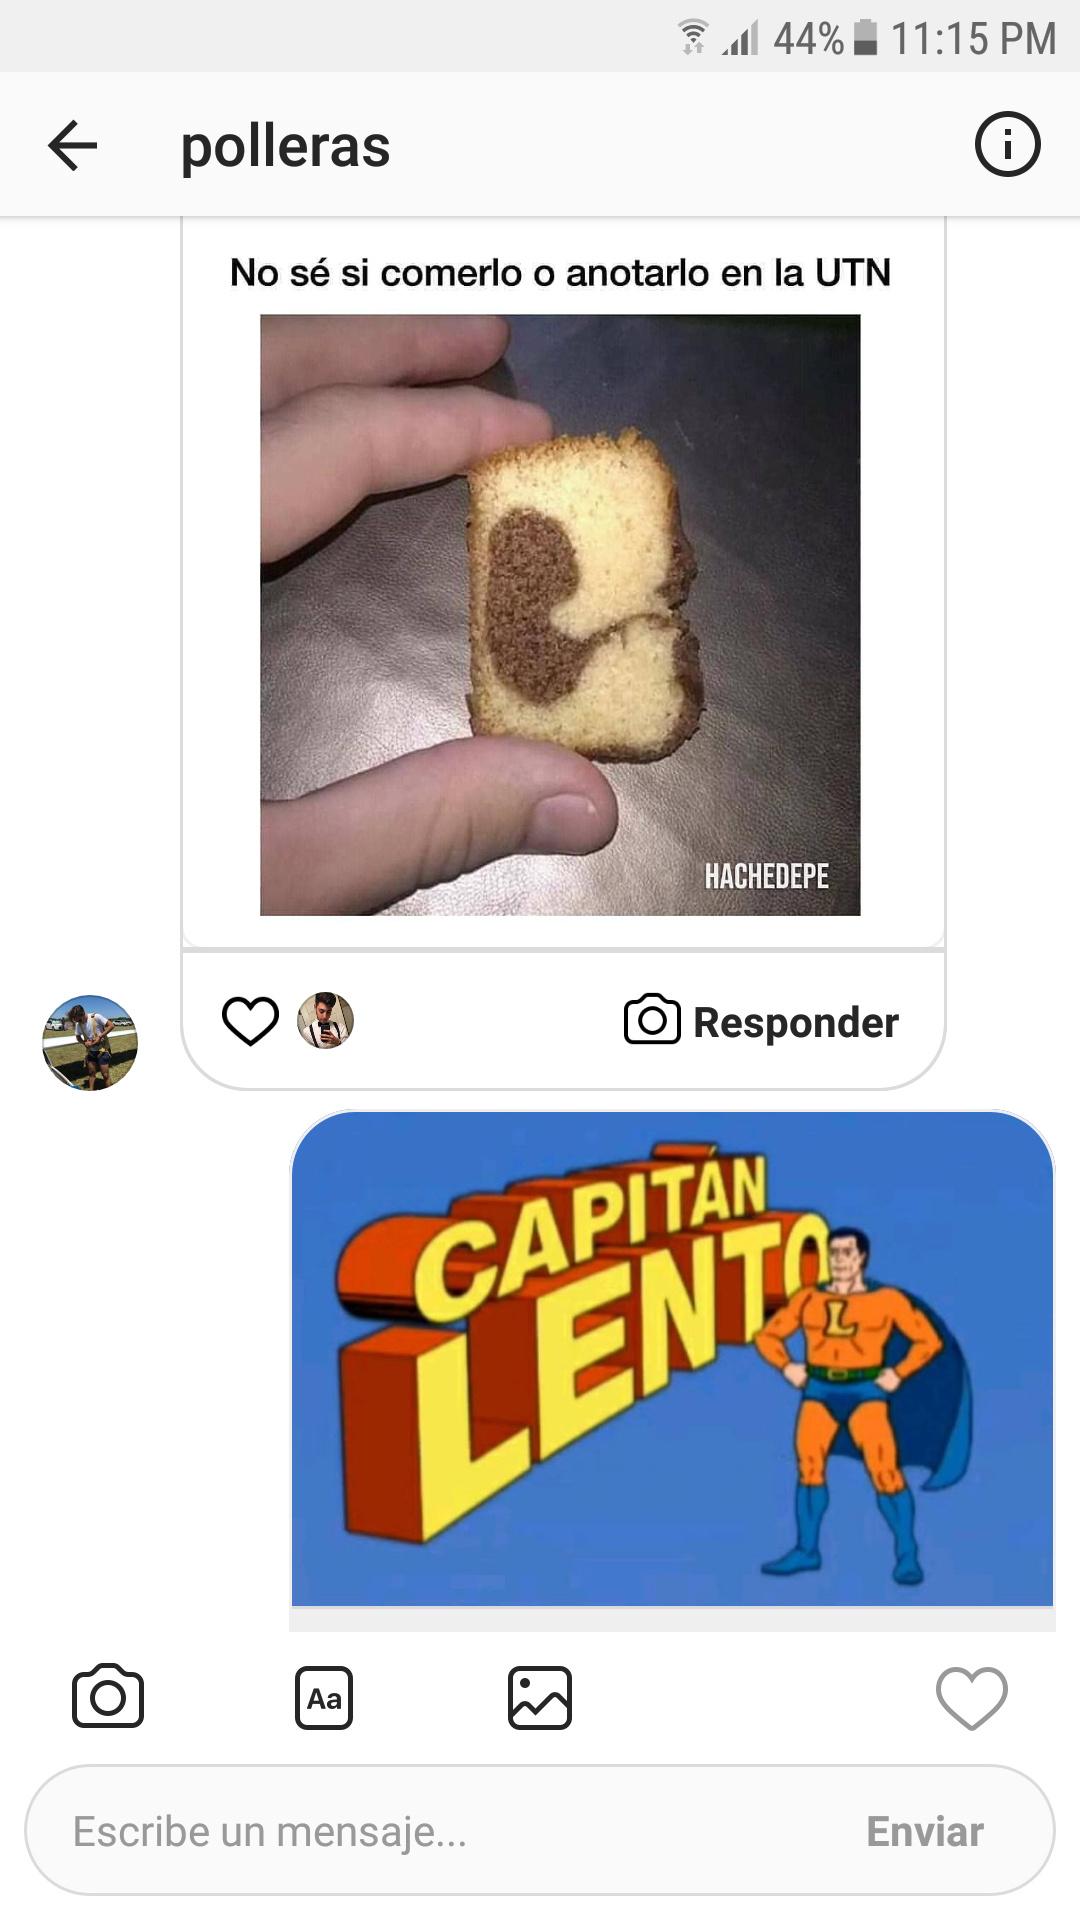 Meme sobre un meme